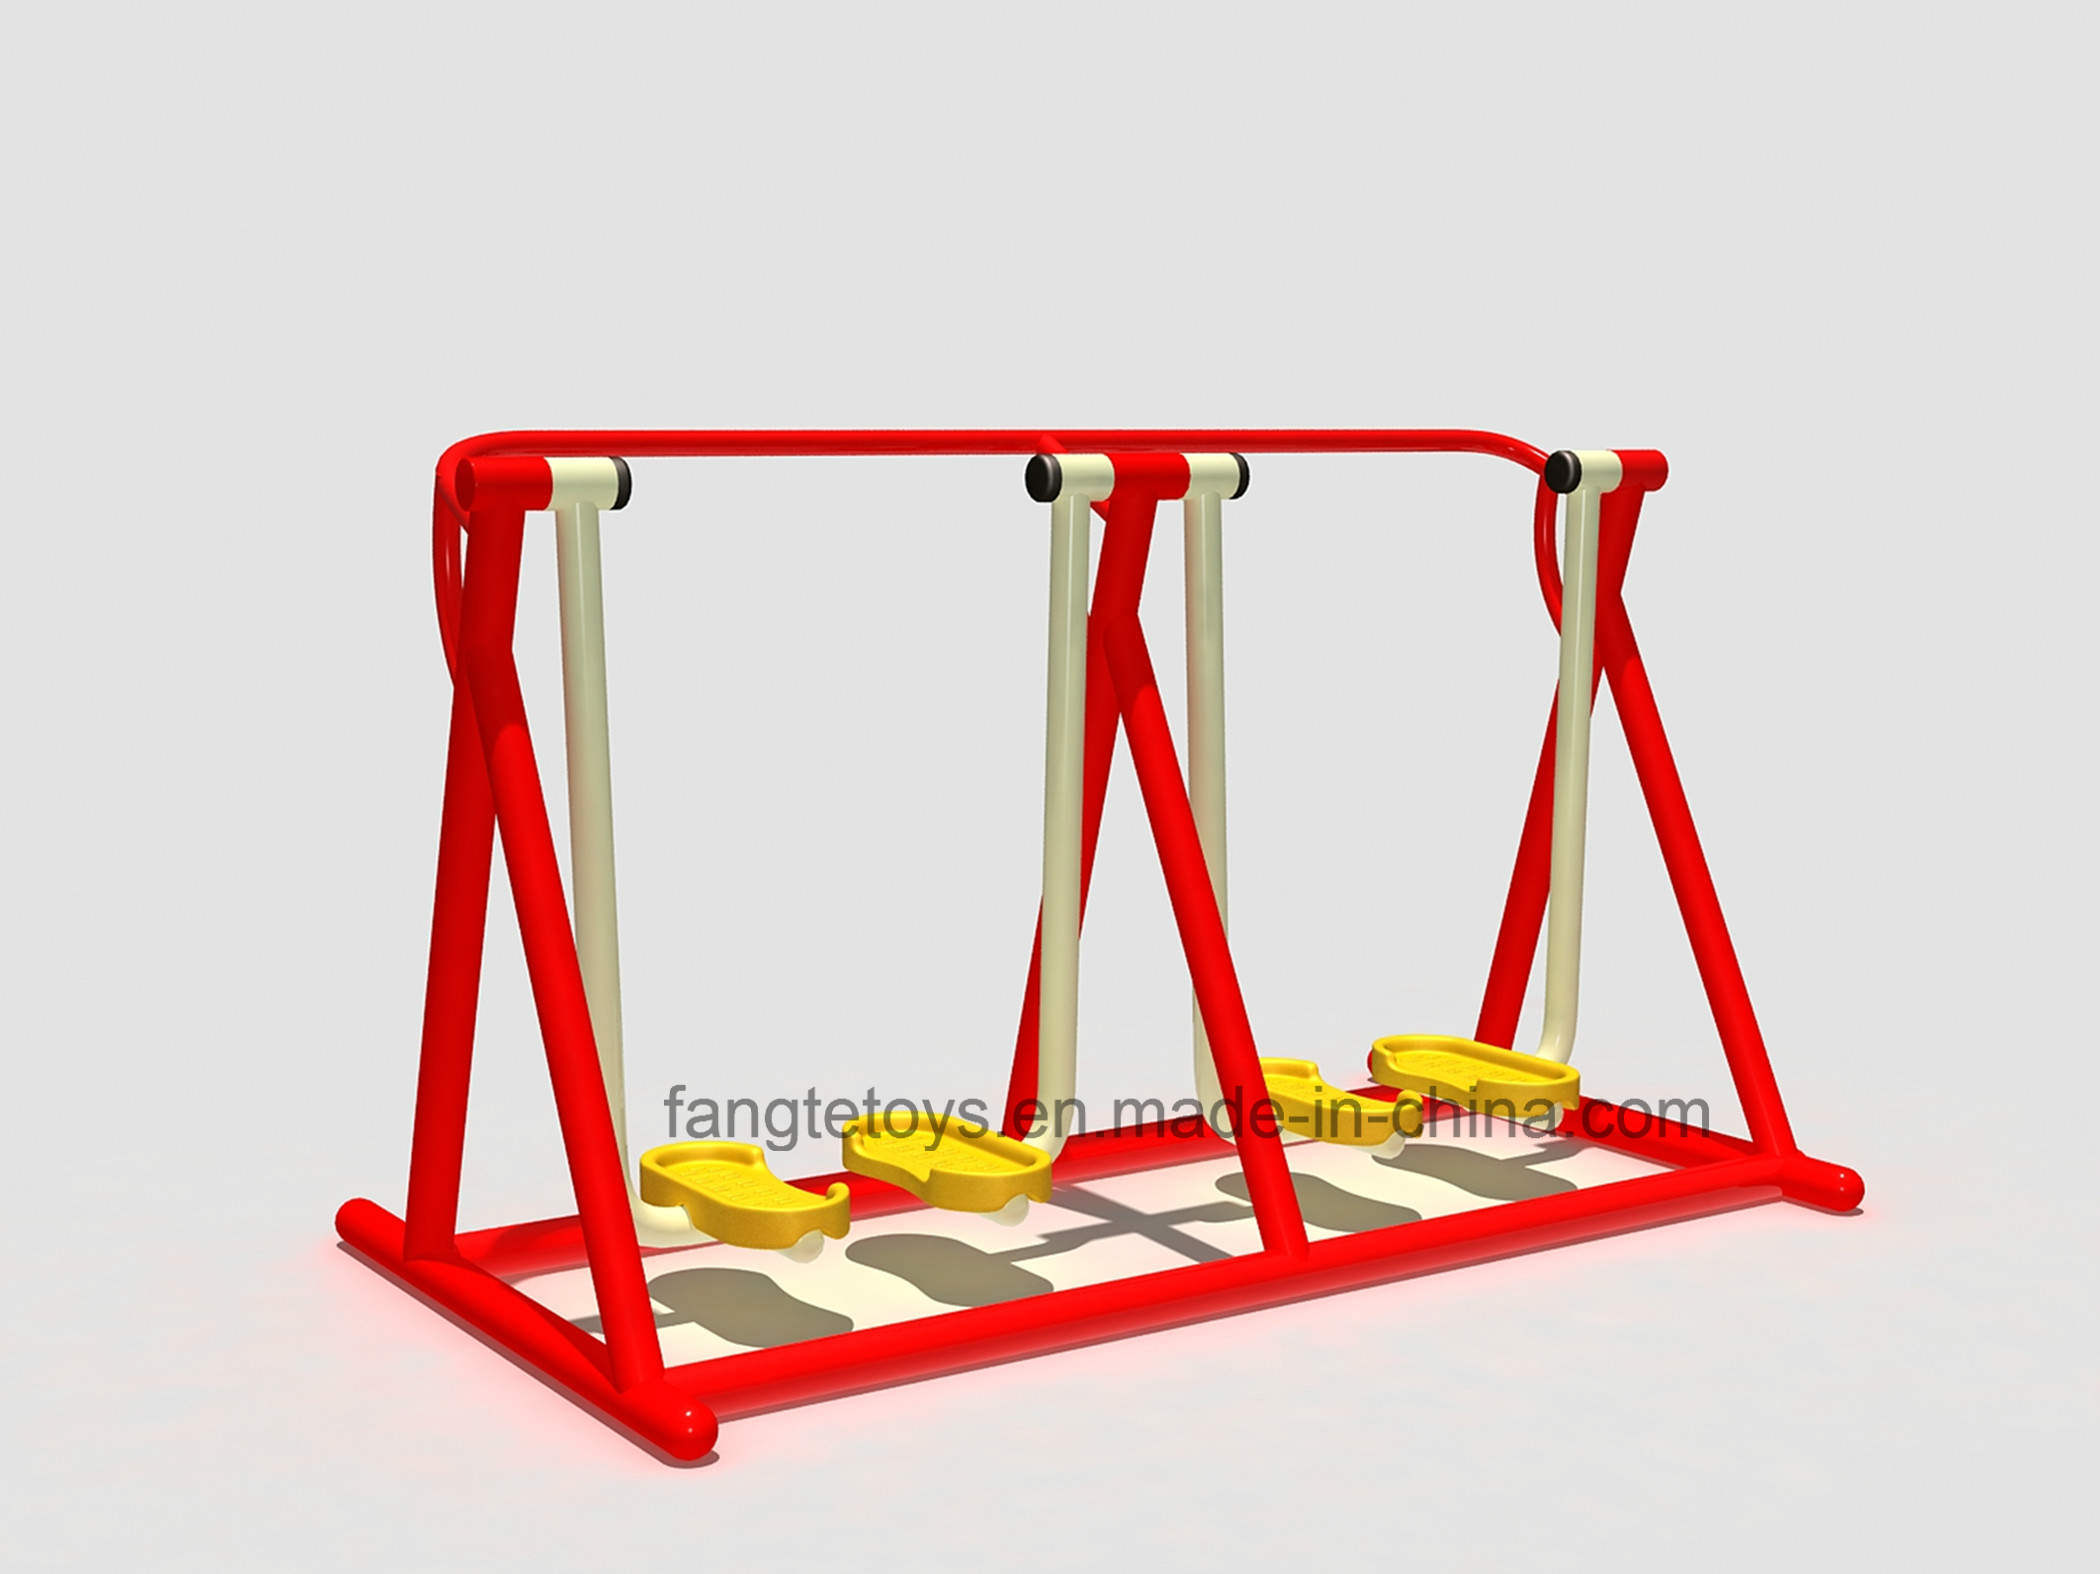 Outdoor Fitness Equipment Double Poles Rambler FT-Of335